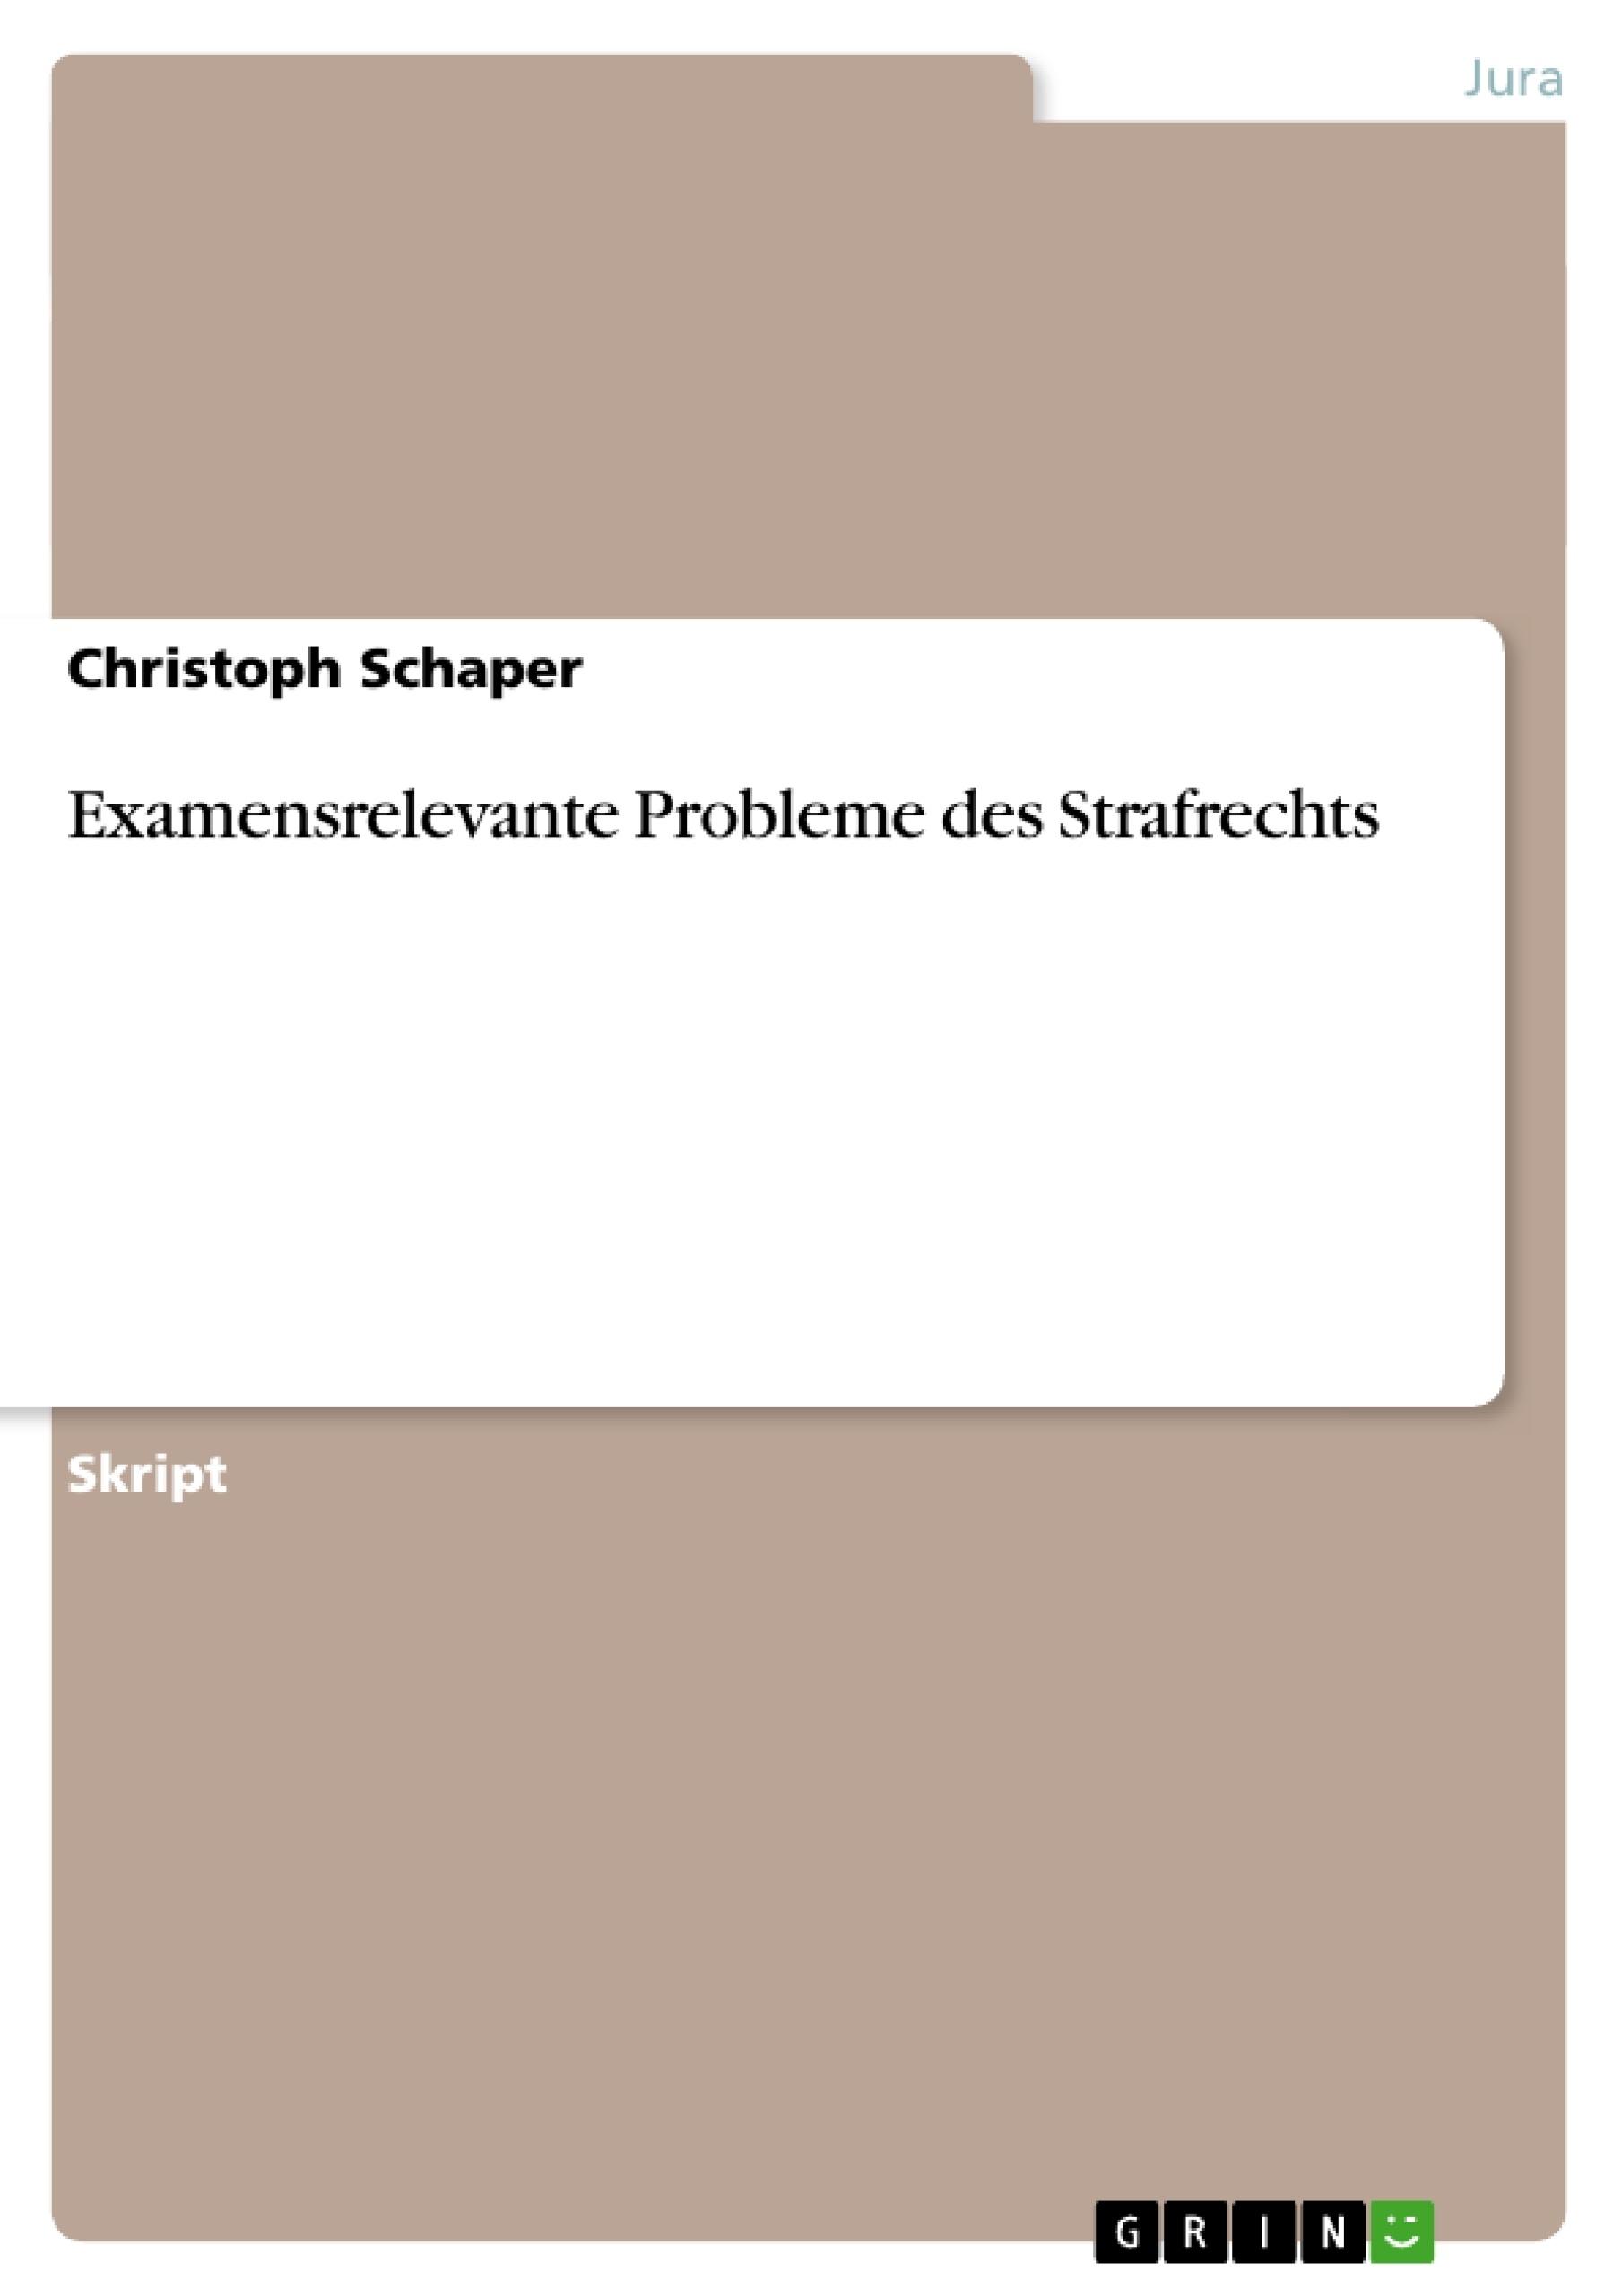 Titel: Examensrelevante Probleme des Strafrechts